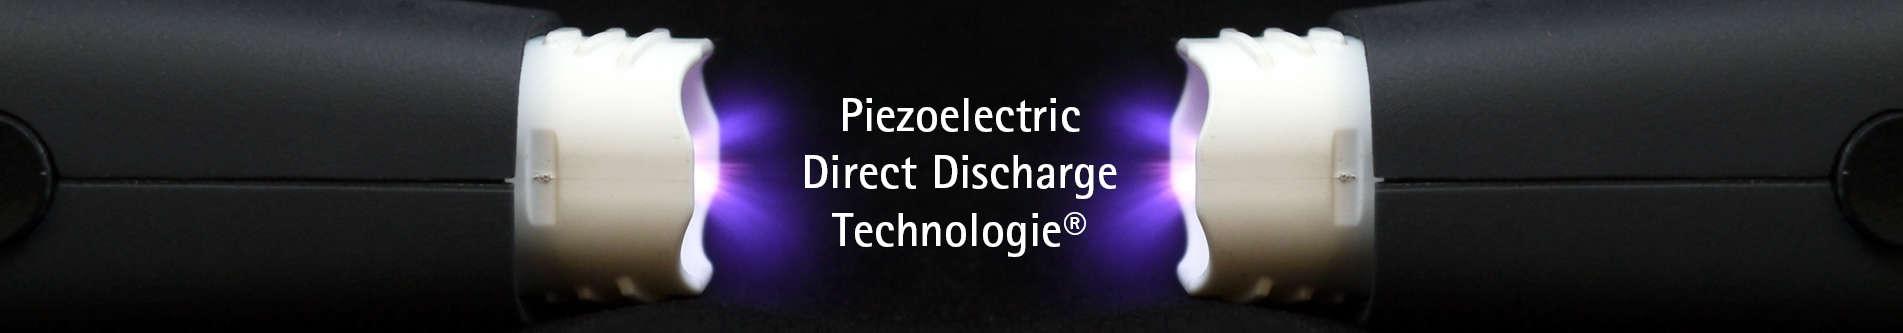 Piezoelectric Direct Discharge Technologie®